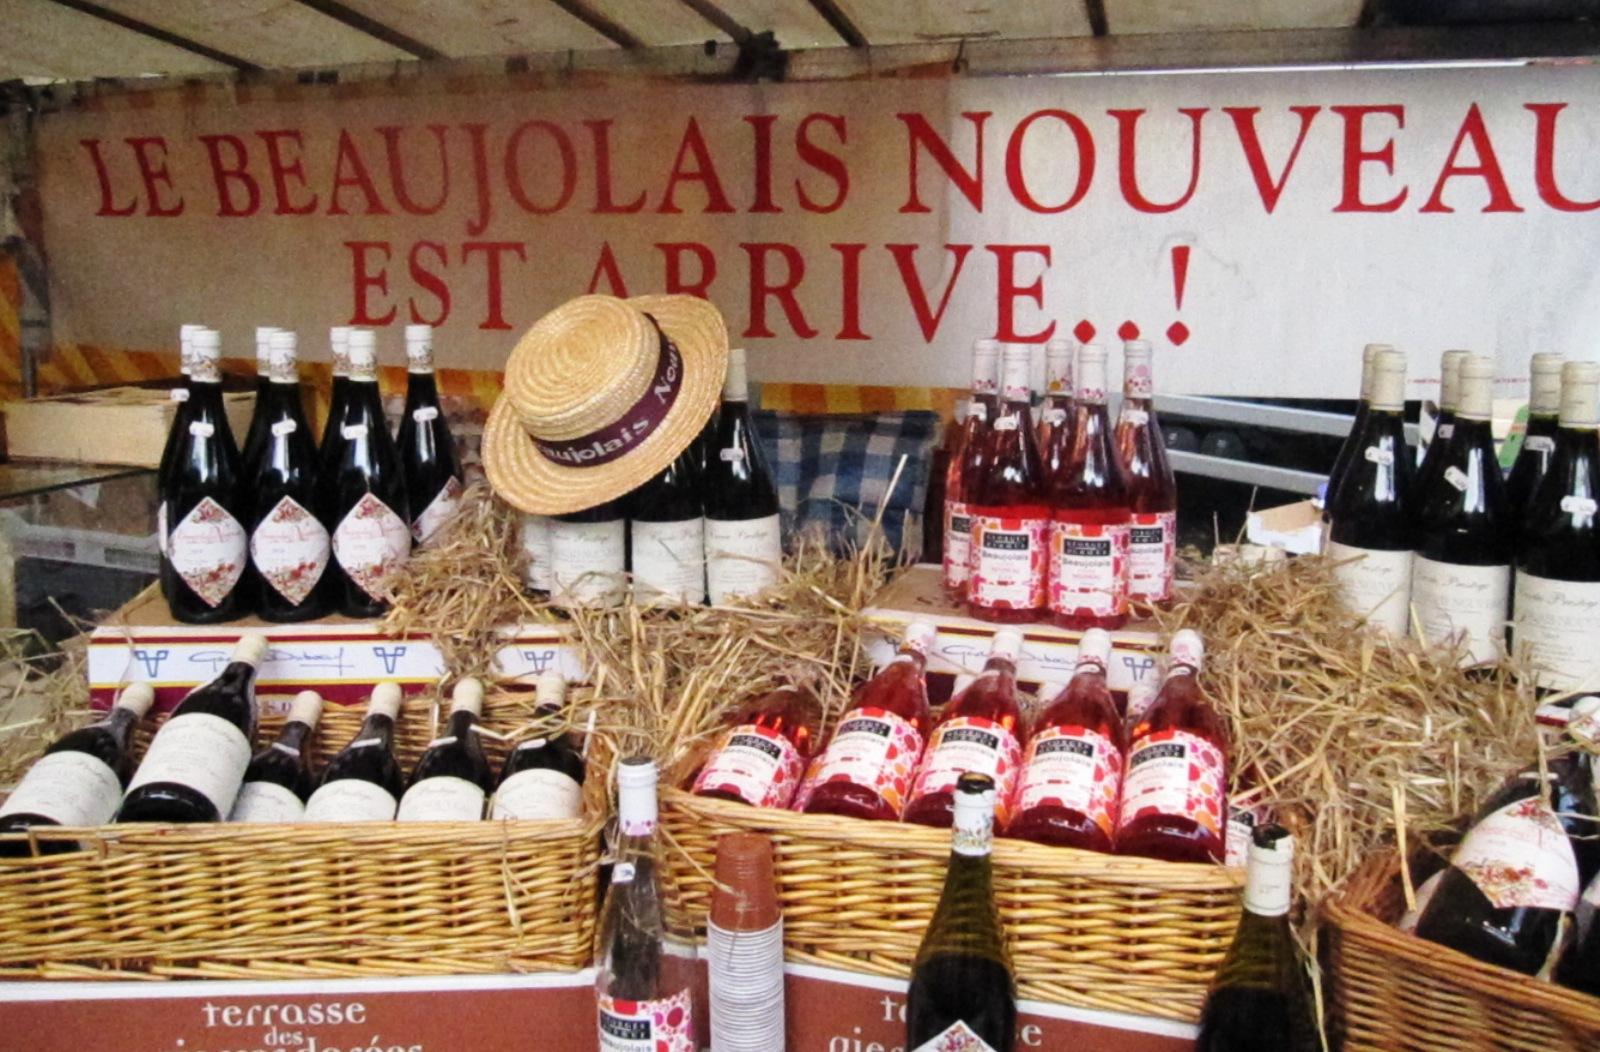 С четверга по воскресенье божоле-нуво будет продаваться на специально организованных уличных базарах.